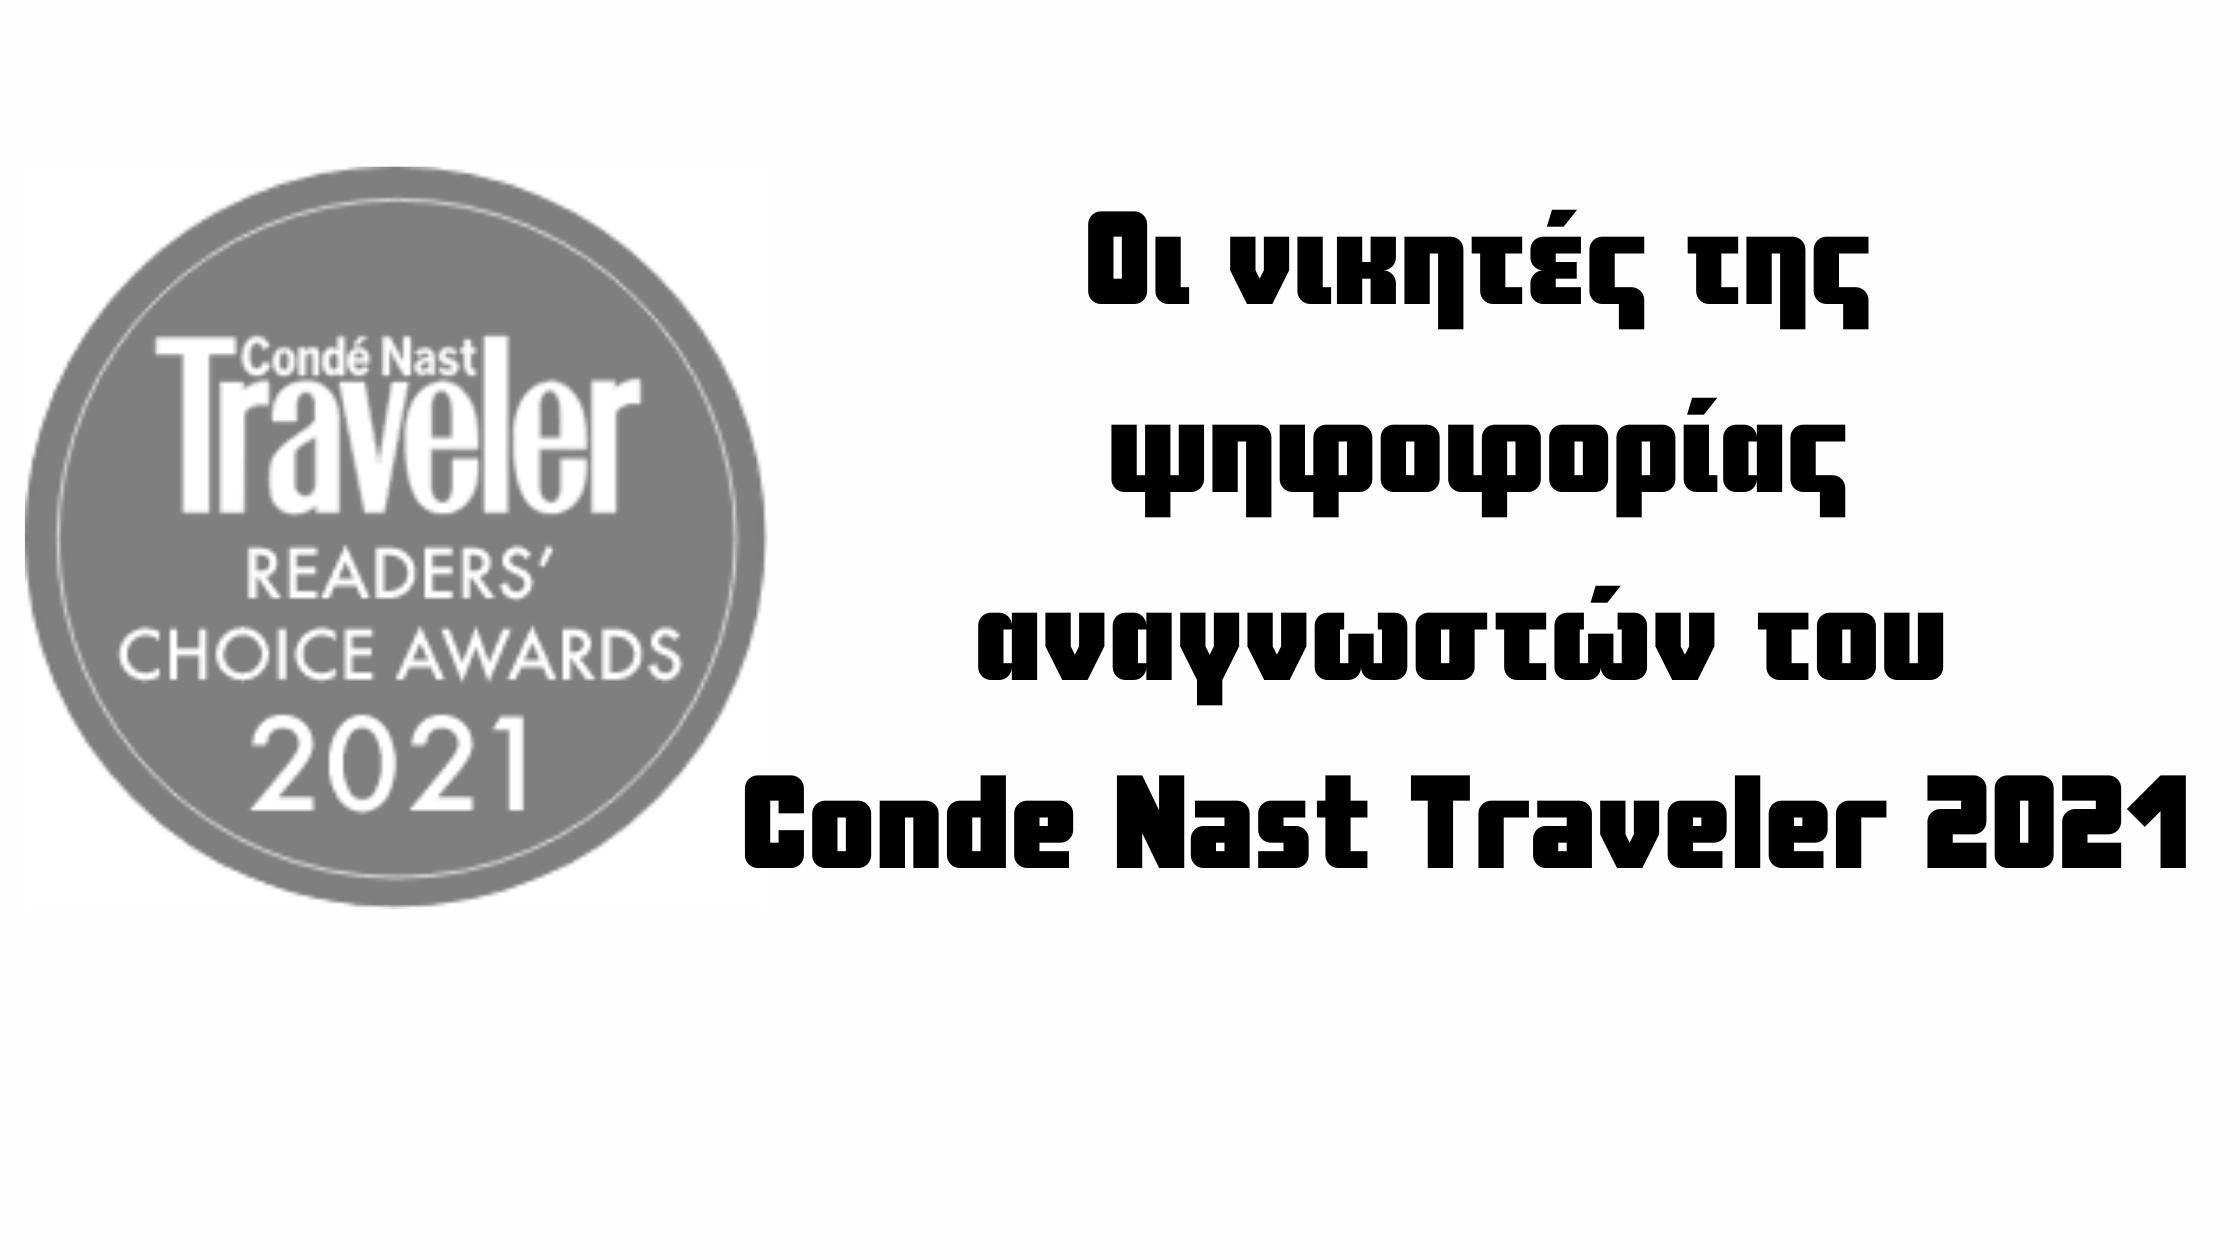 Νικητές Conde Nast Traveler Reader Choice Awards 2021